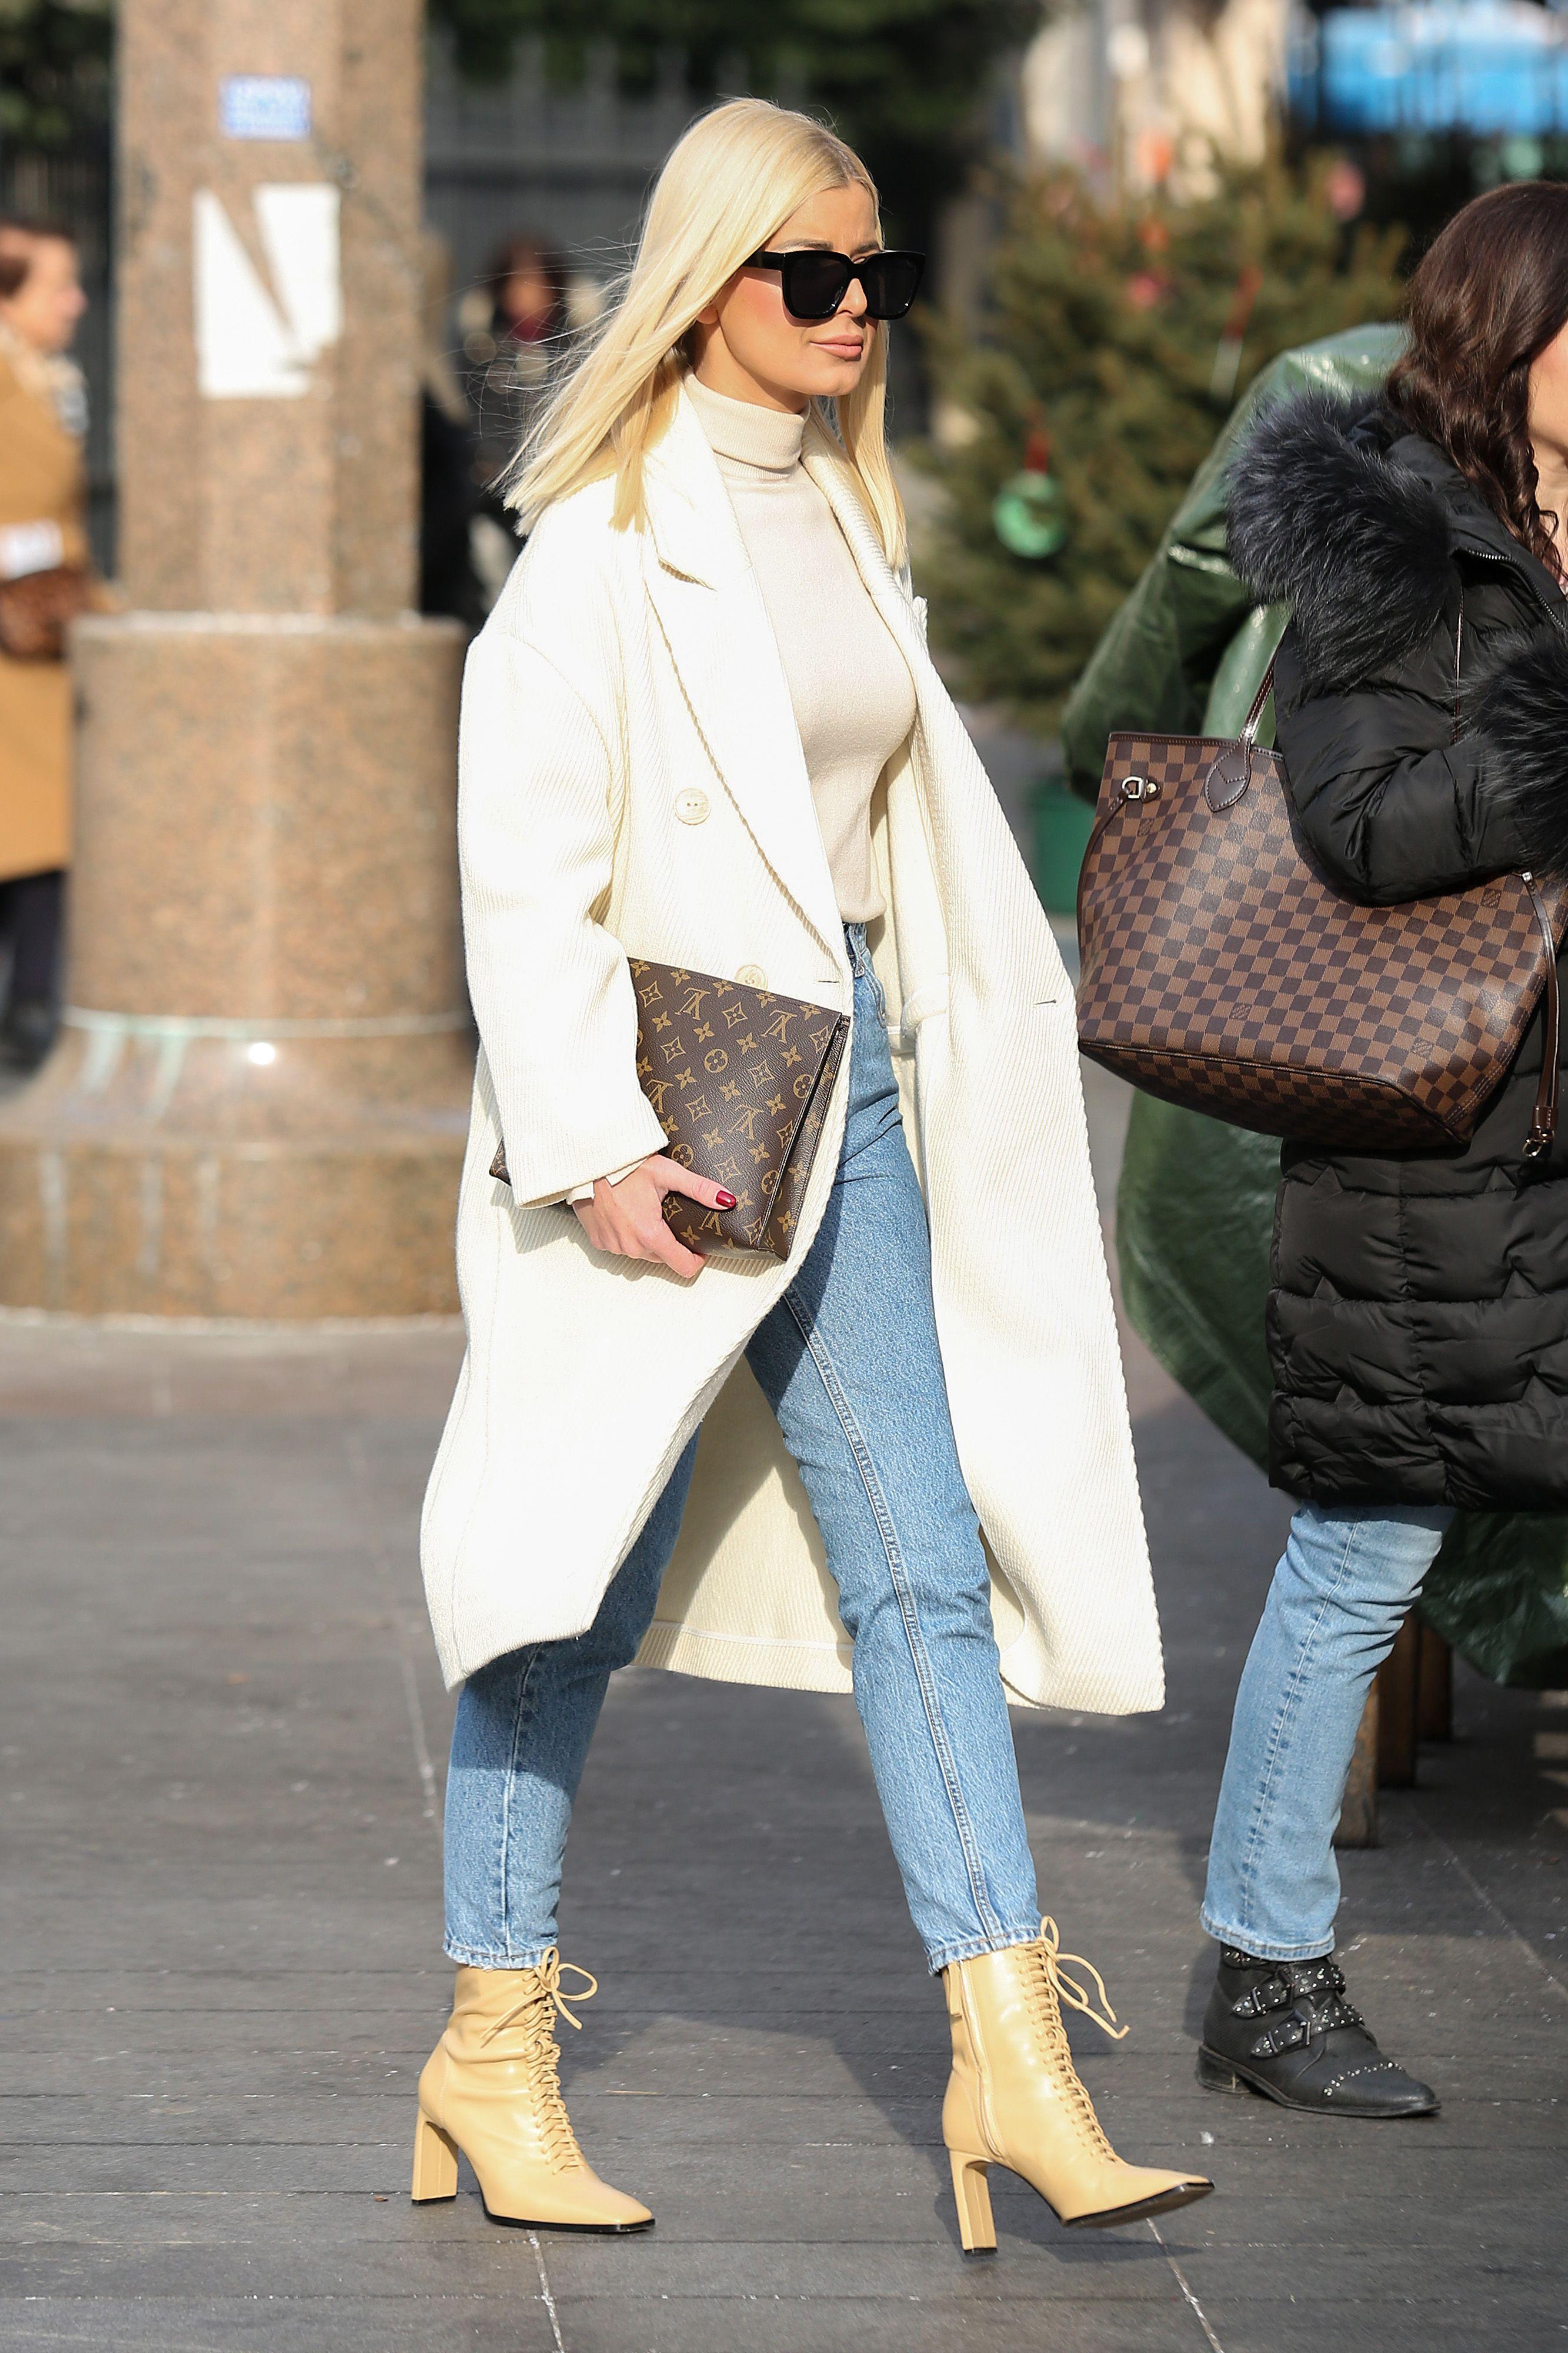 Biste li nosile odvažne čizme kakve nosi zanosna plavuša sa špice? Mi znamo gdje ih kupiti!